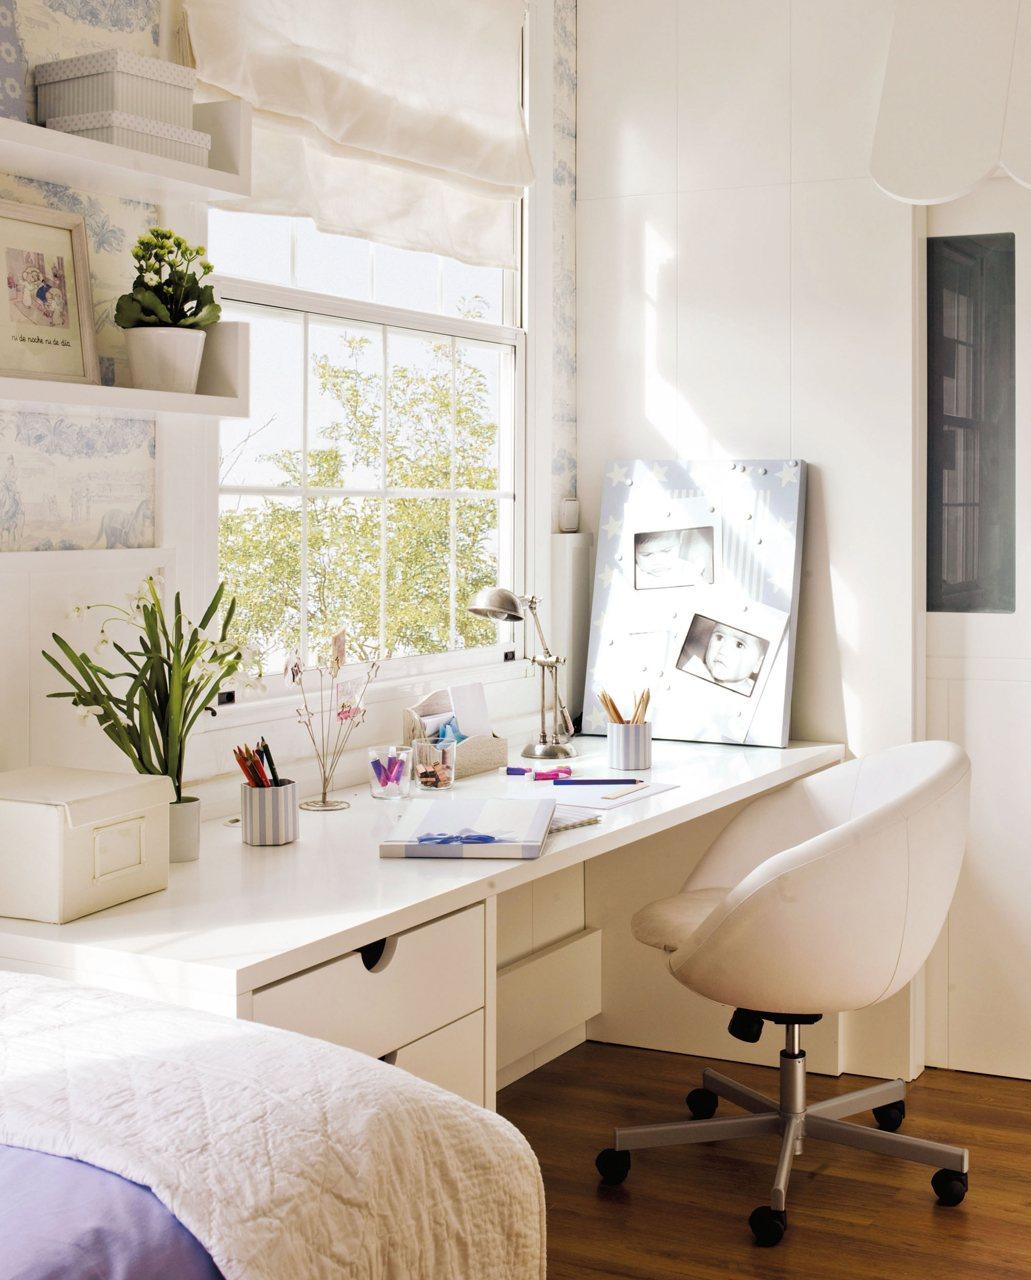 Aprovecha las ventanas y tendr s espacio extra - Mesa de estudio infantil ...